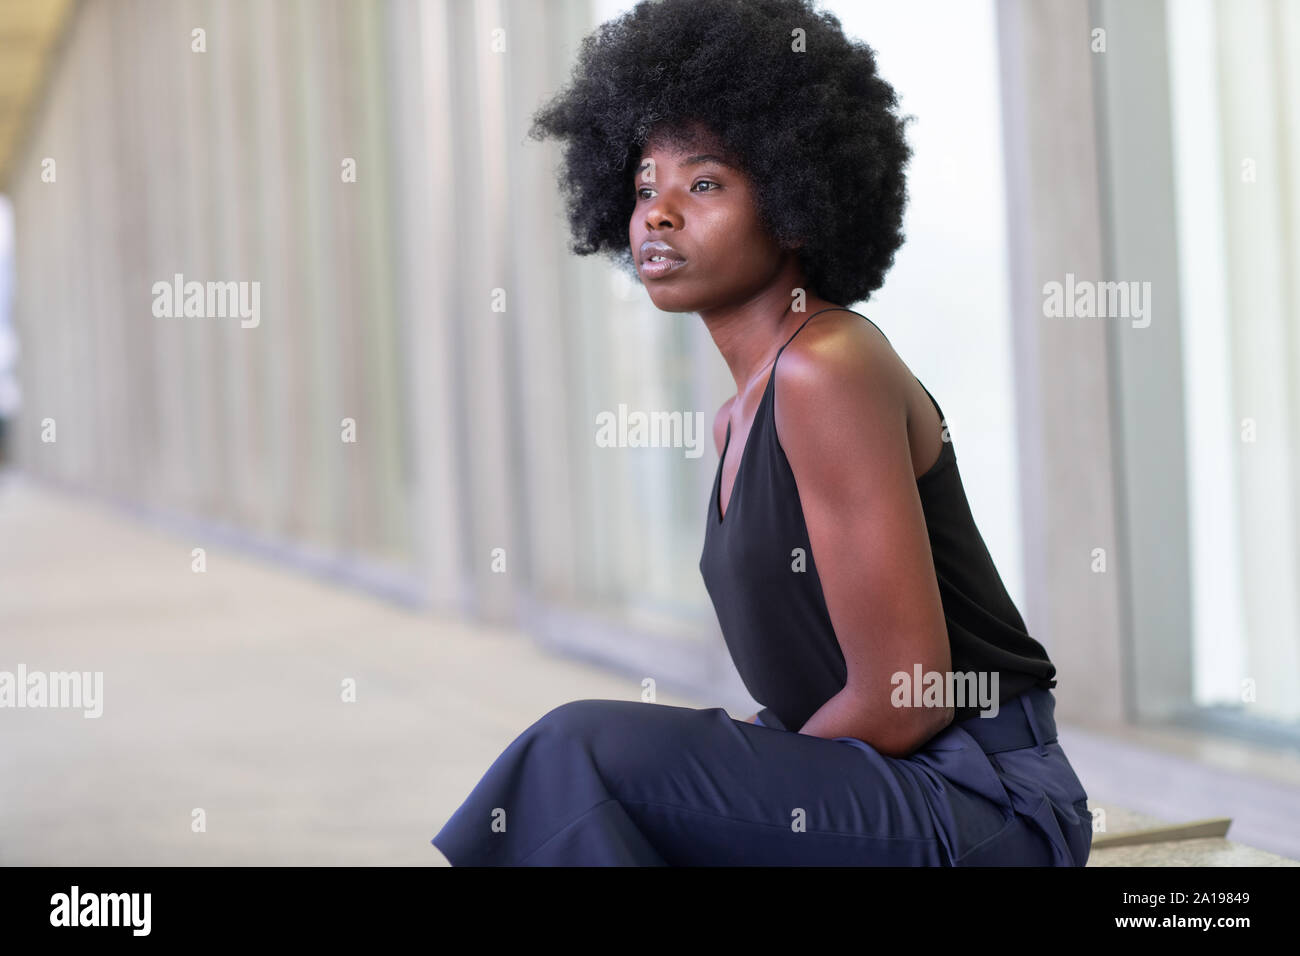 Bastante joven africana en las calles de la ciudad, sentado en el banco Foto de stock